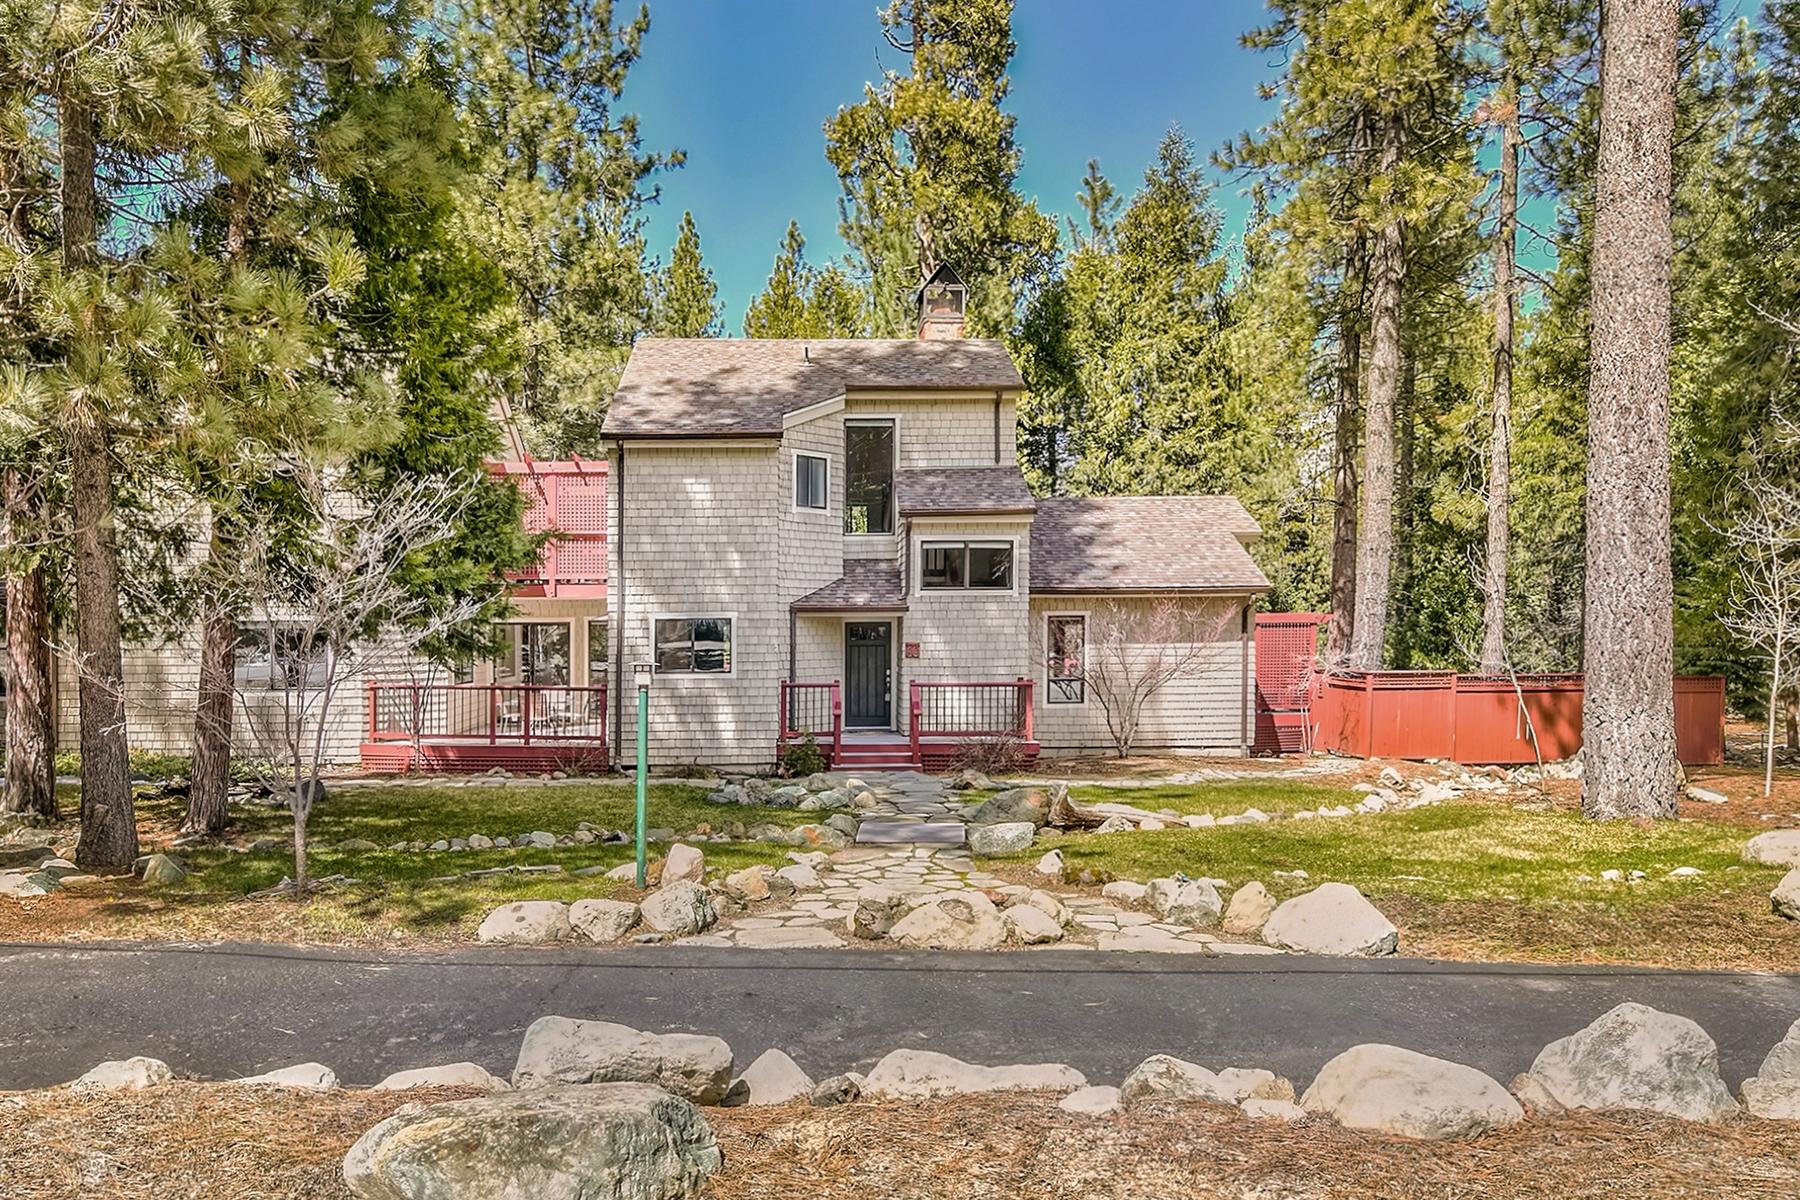 独户住宅 为 销售 在 60 Tolowa Trail, Graeagle, CA 60 Tolowa Trail Graeagle, 加利福尼亚州 96103 美国